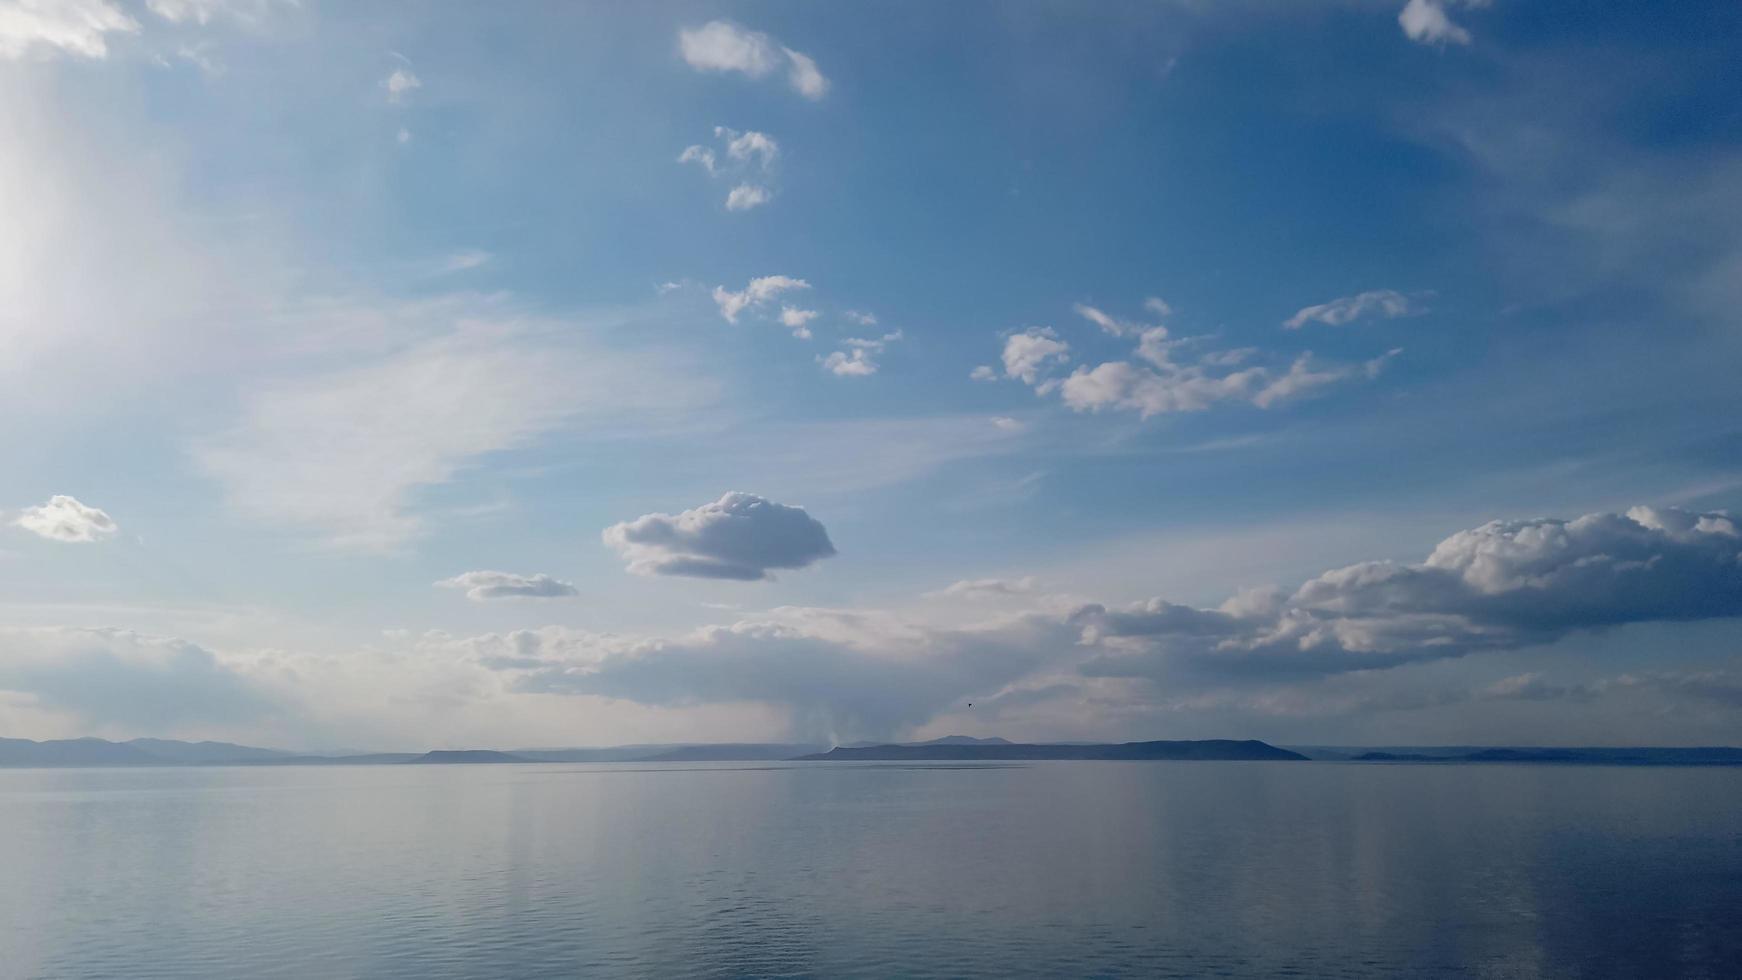 zeegezicht van waterlichaam met bewolkte blauwe hemel foto